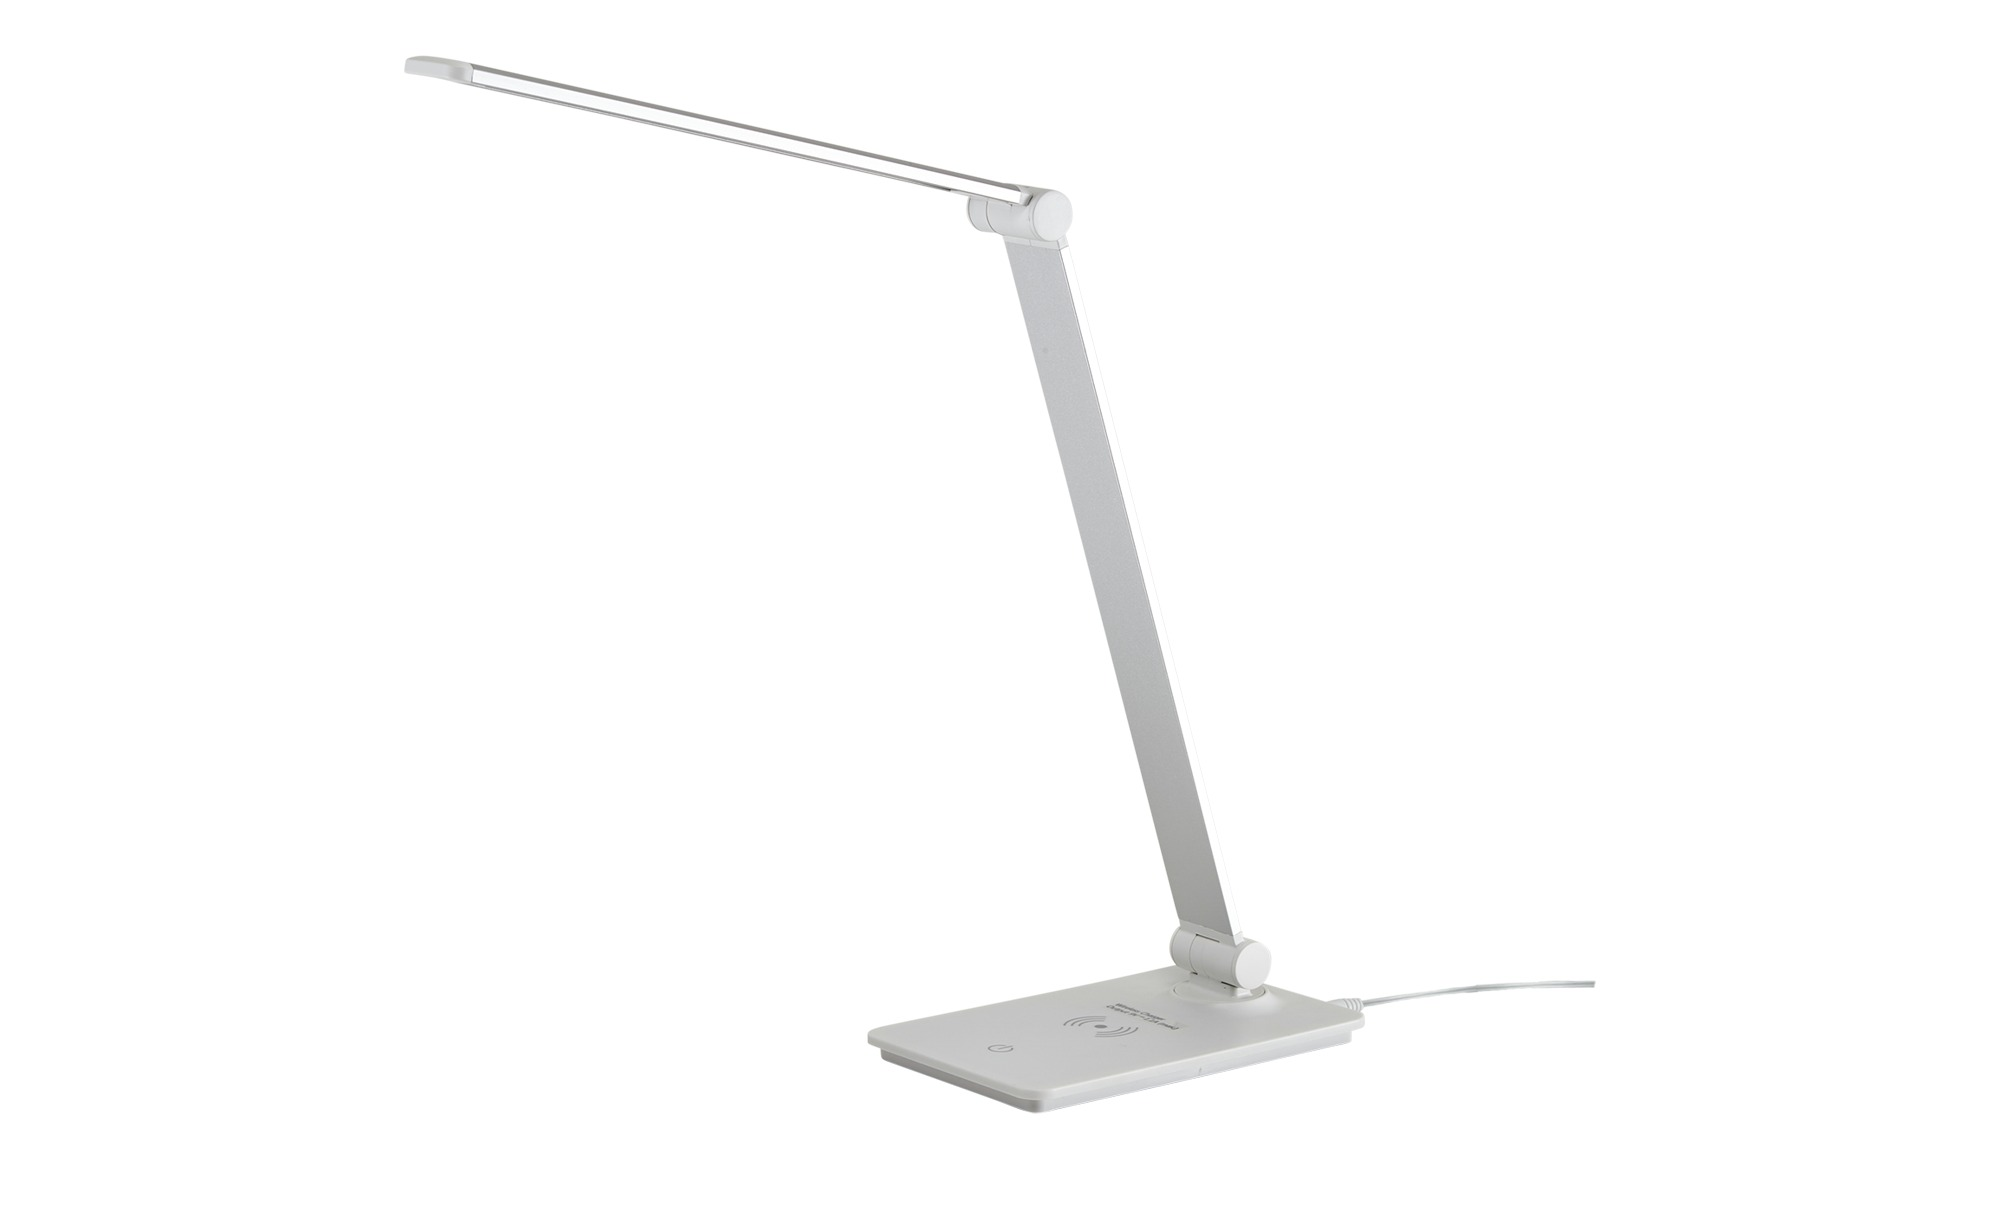 KHG LED-Tischleuchte, weiß mit Qi-Charger ¦ weiß ¦ Maße (cm): B: 11 H: 37 Lampen & Leuchten > Innenleuchten > Tischlampen - Höffner